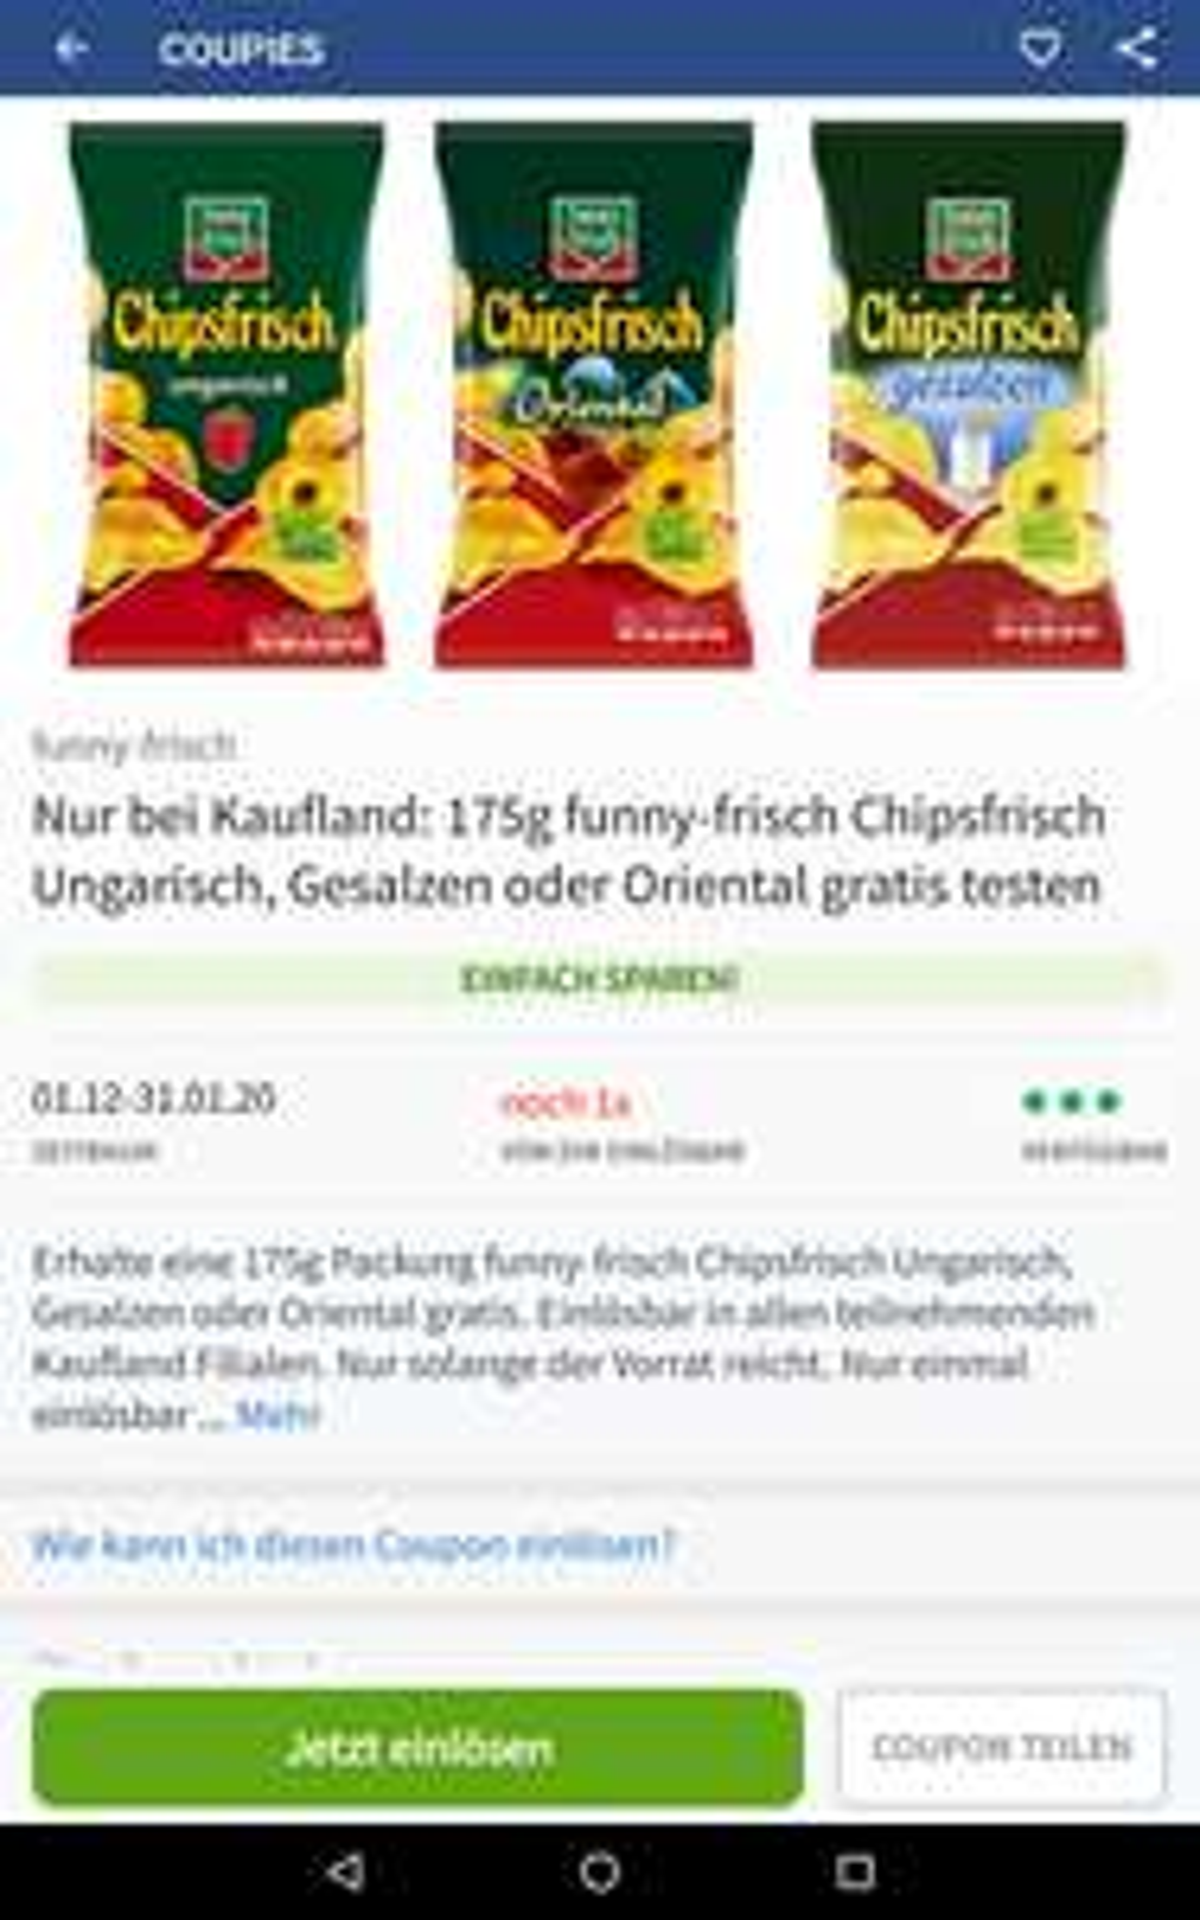 [Coupies App, personalisiert] Nur bei Kaufland: 175g funny-frisch Chipsfrisch Ungarisch, Gesalzen oder Orientalisch gratis testen!